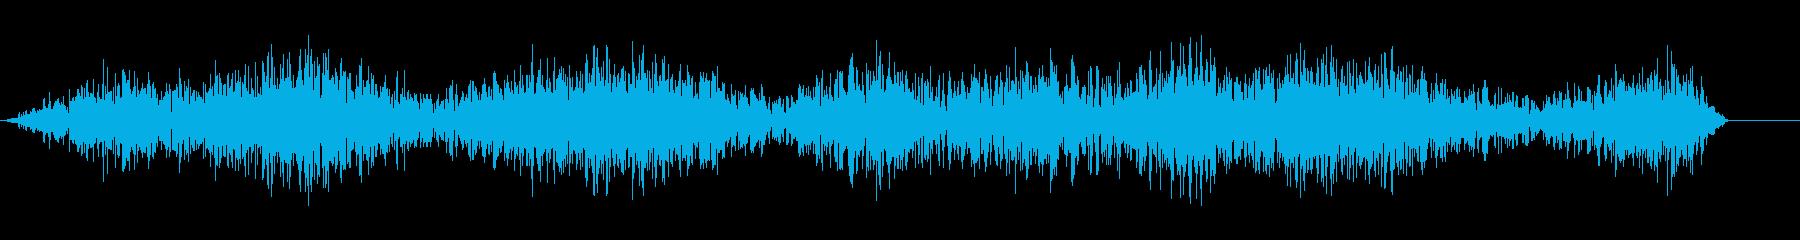 ウィンドランブル2;不気味な、昇順...の再生済みの波形